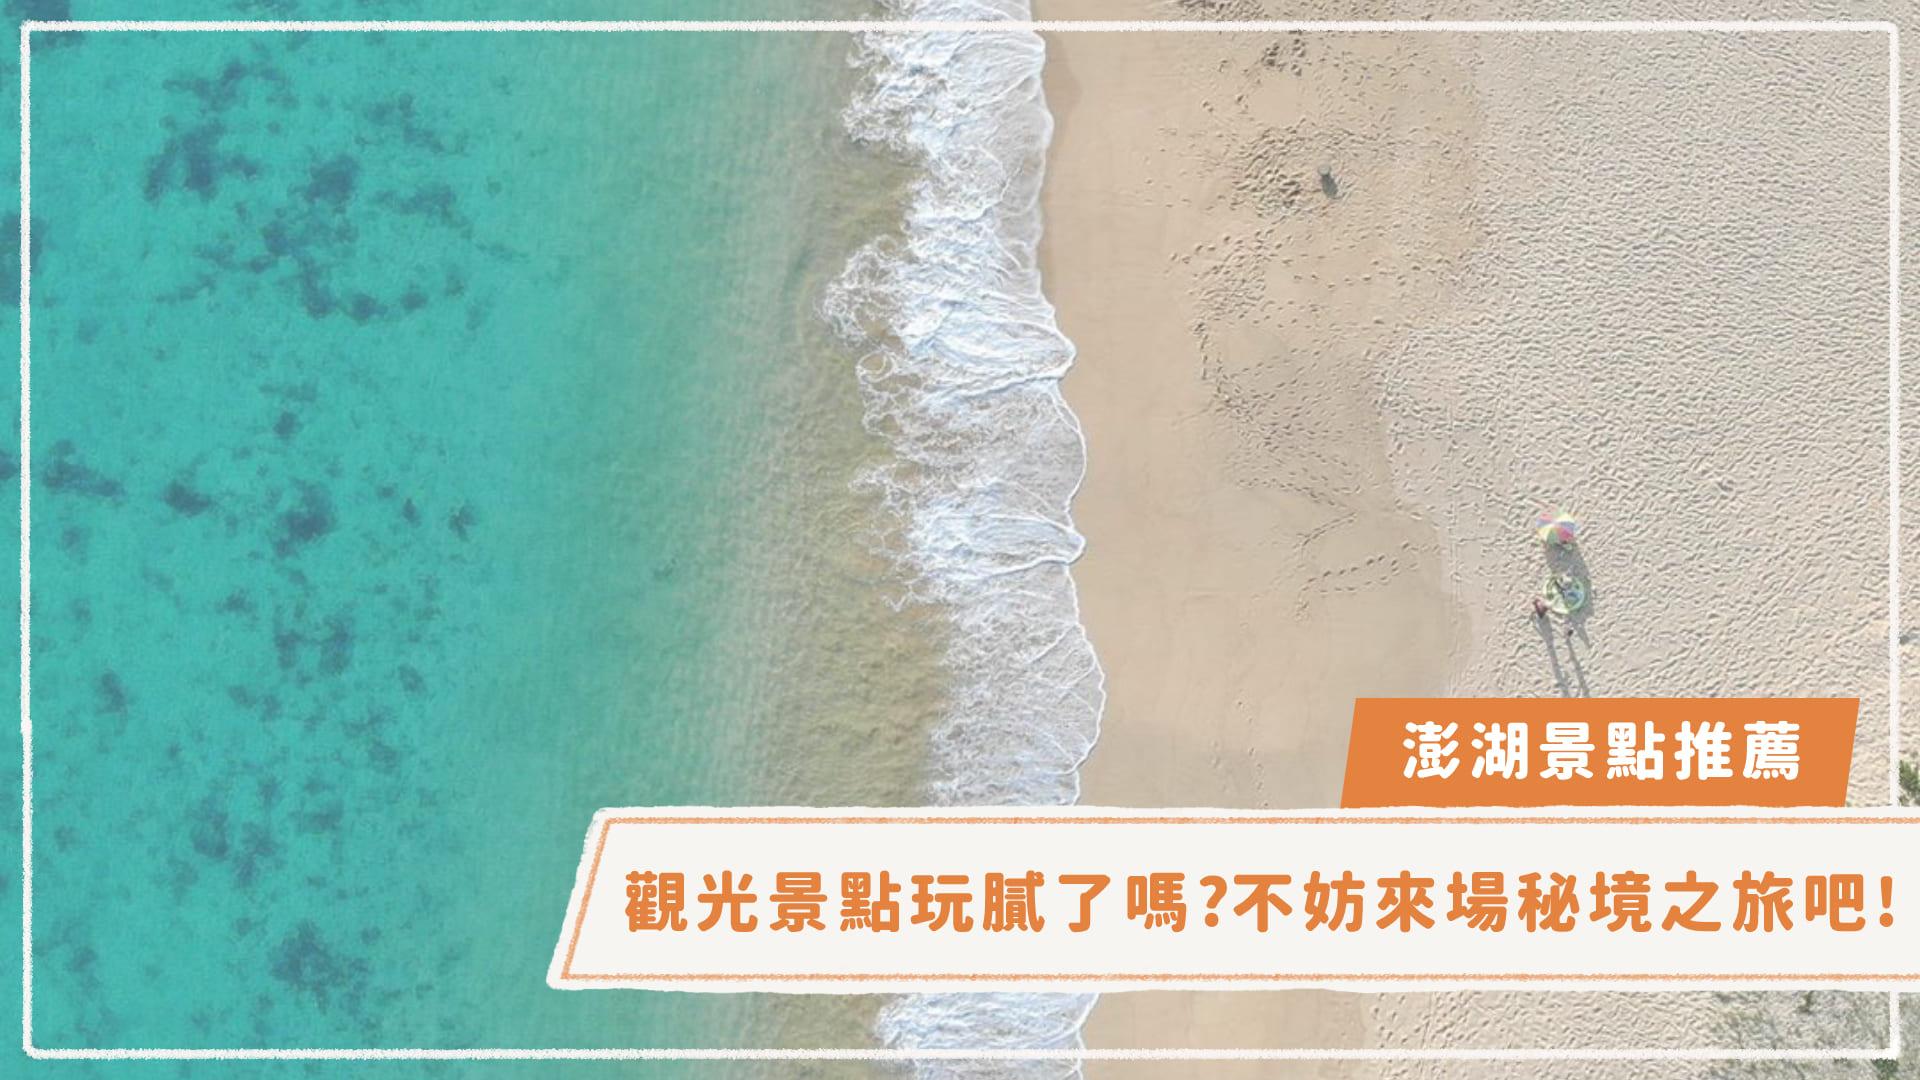 【澎湖花火節景點推薦】觀光景點玩膩了嗎,不妨來一場秘境之旅吧!